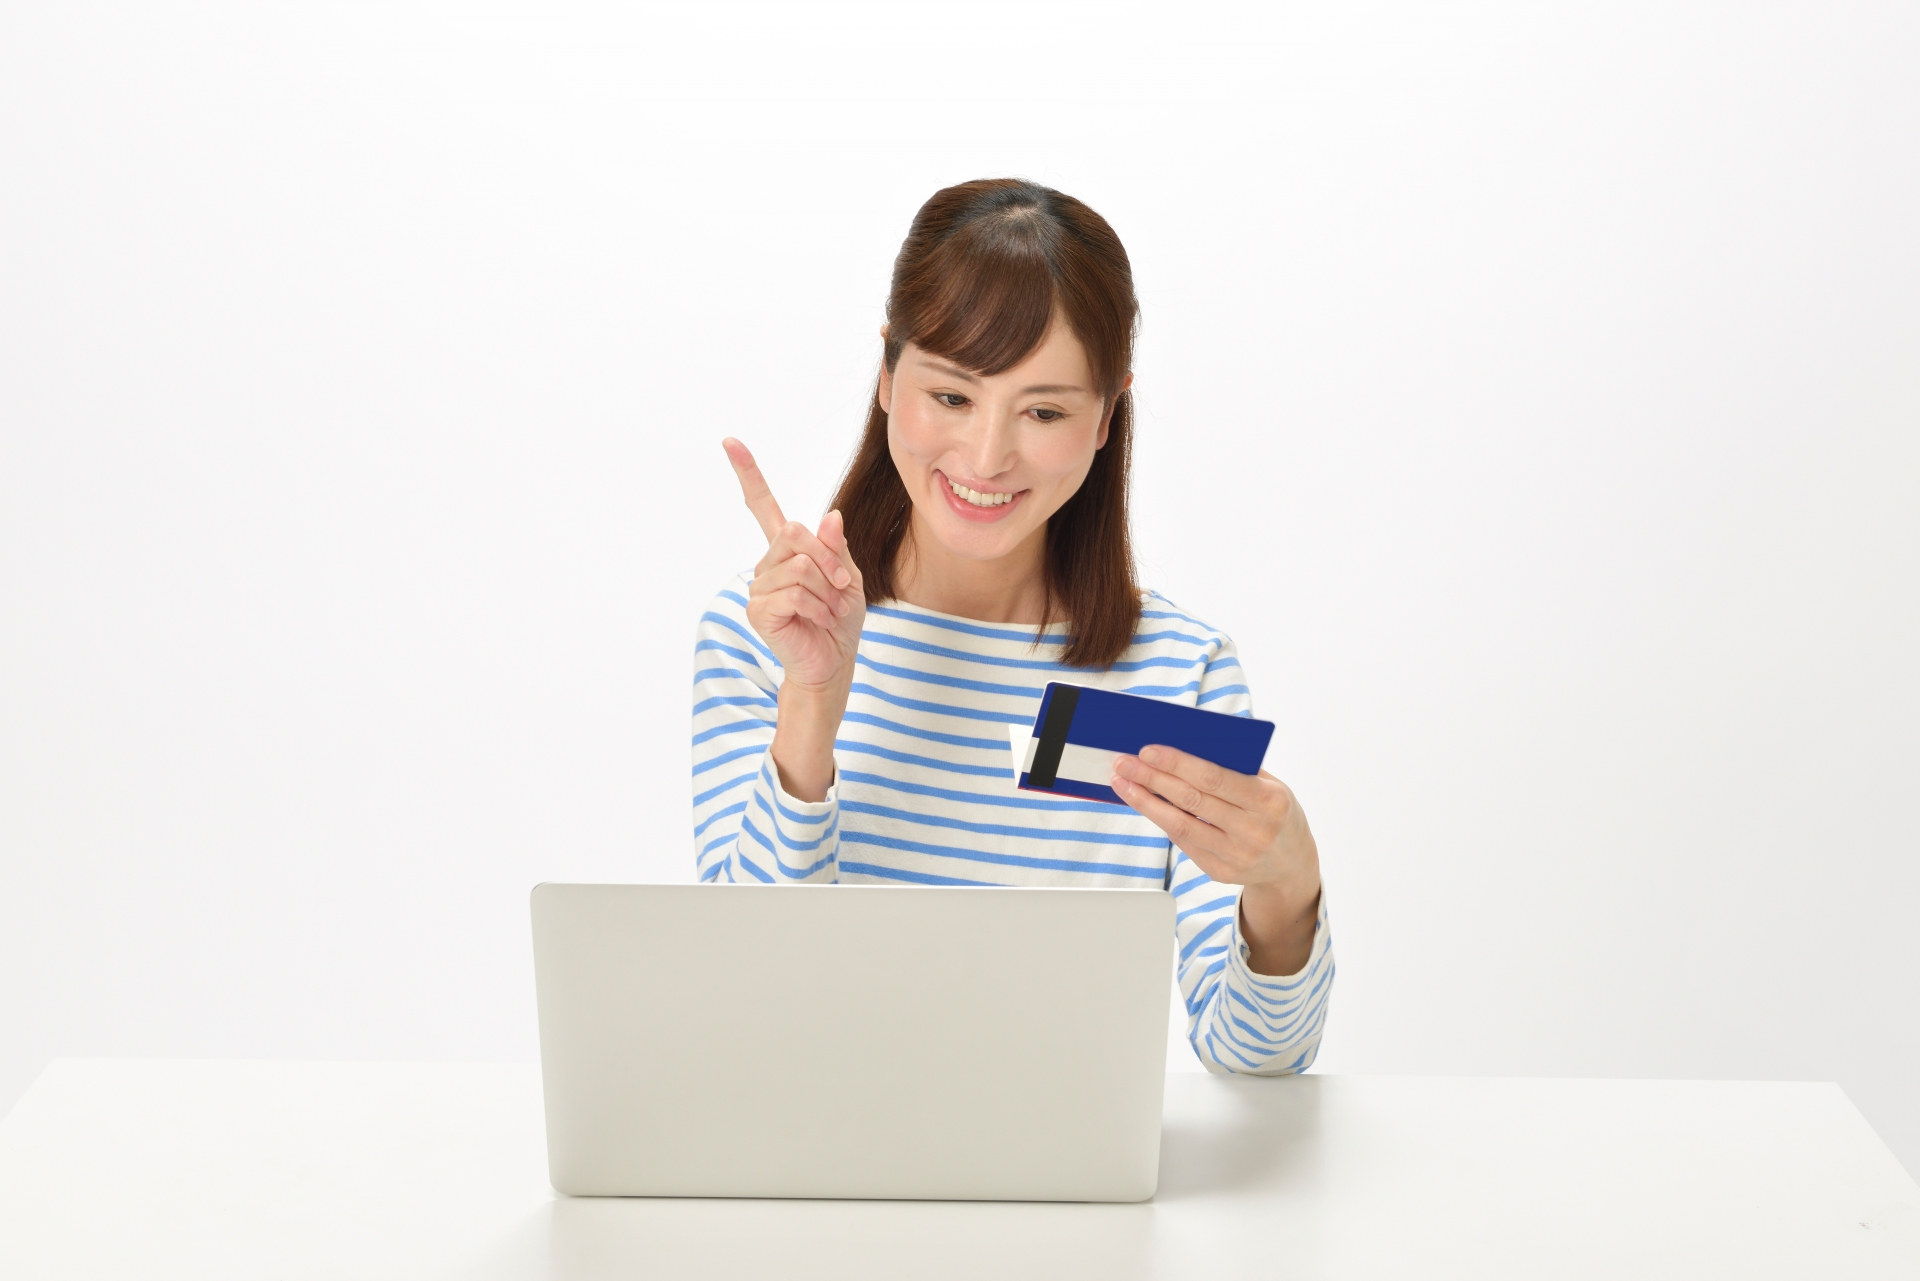 銀行のサービスがさらに便利に!インターネットバンキングとは